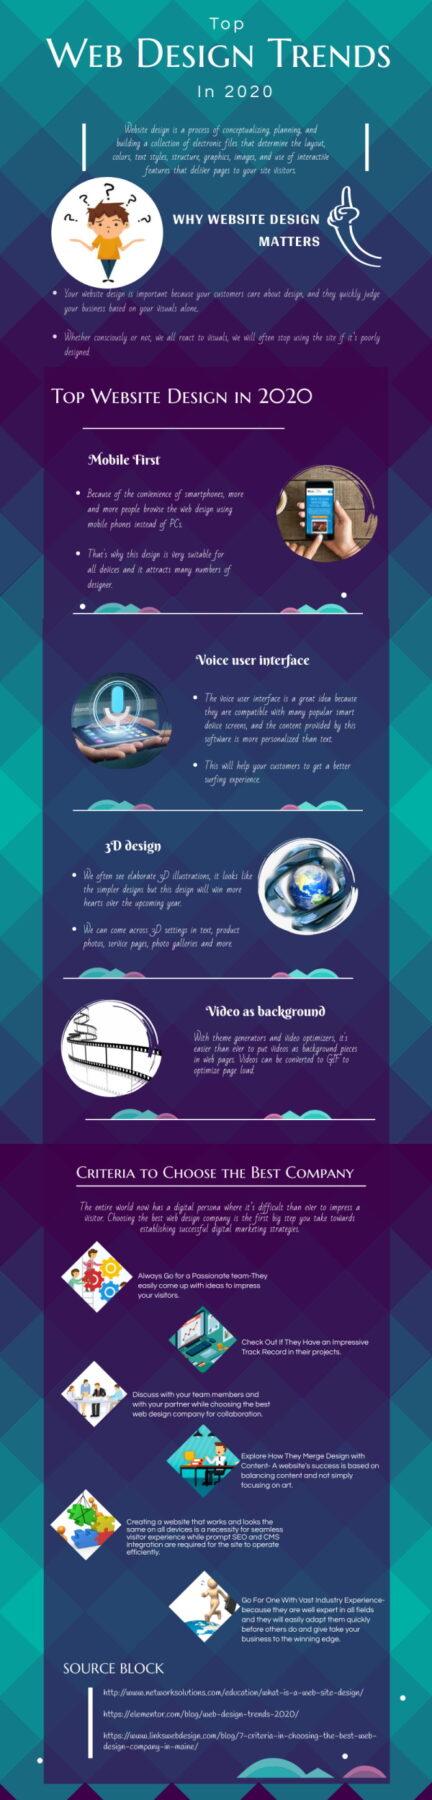 tip-trends-effective-website-design-2020-infographic-11